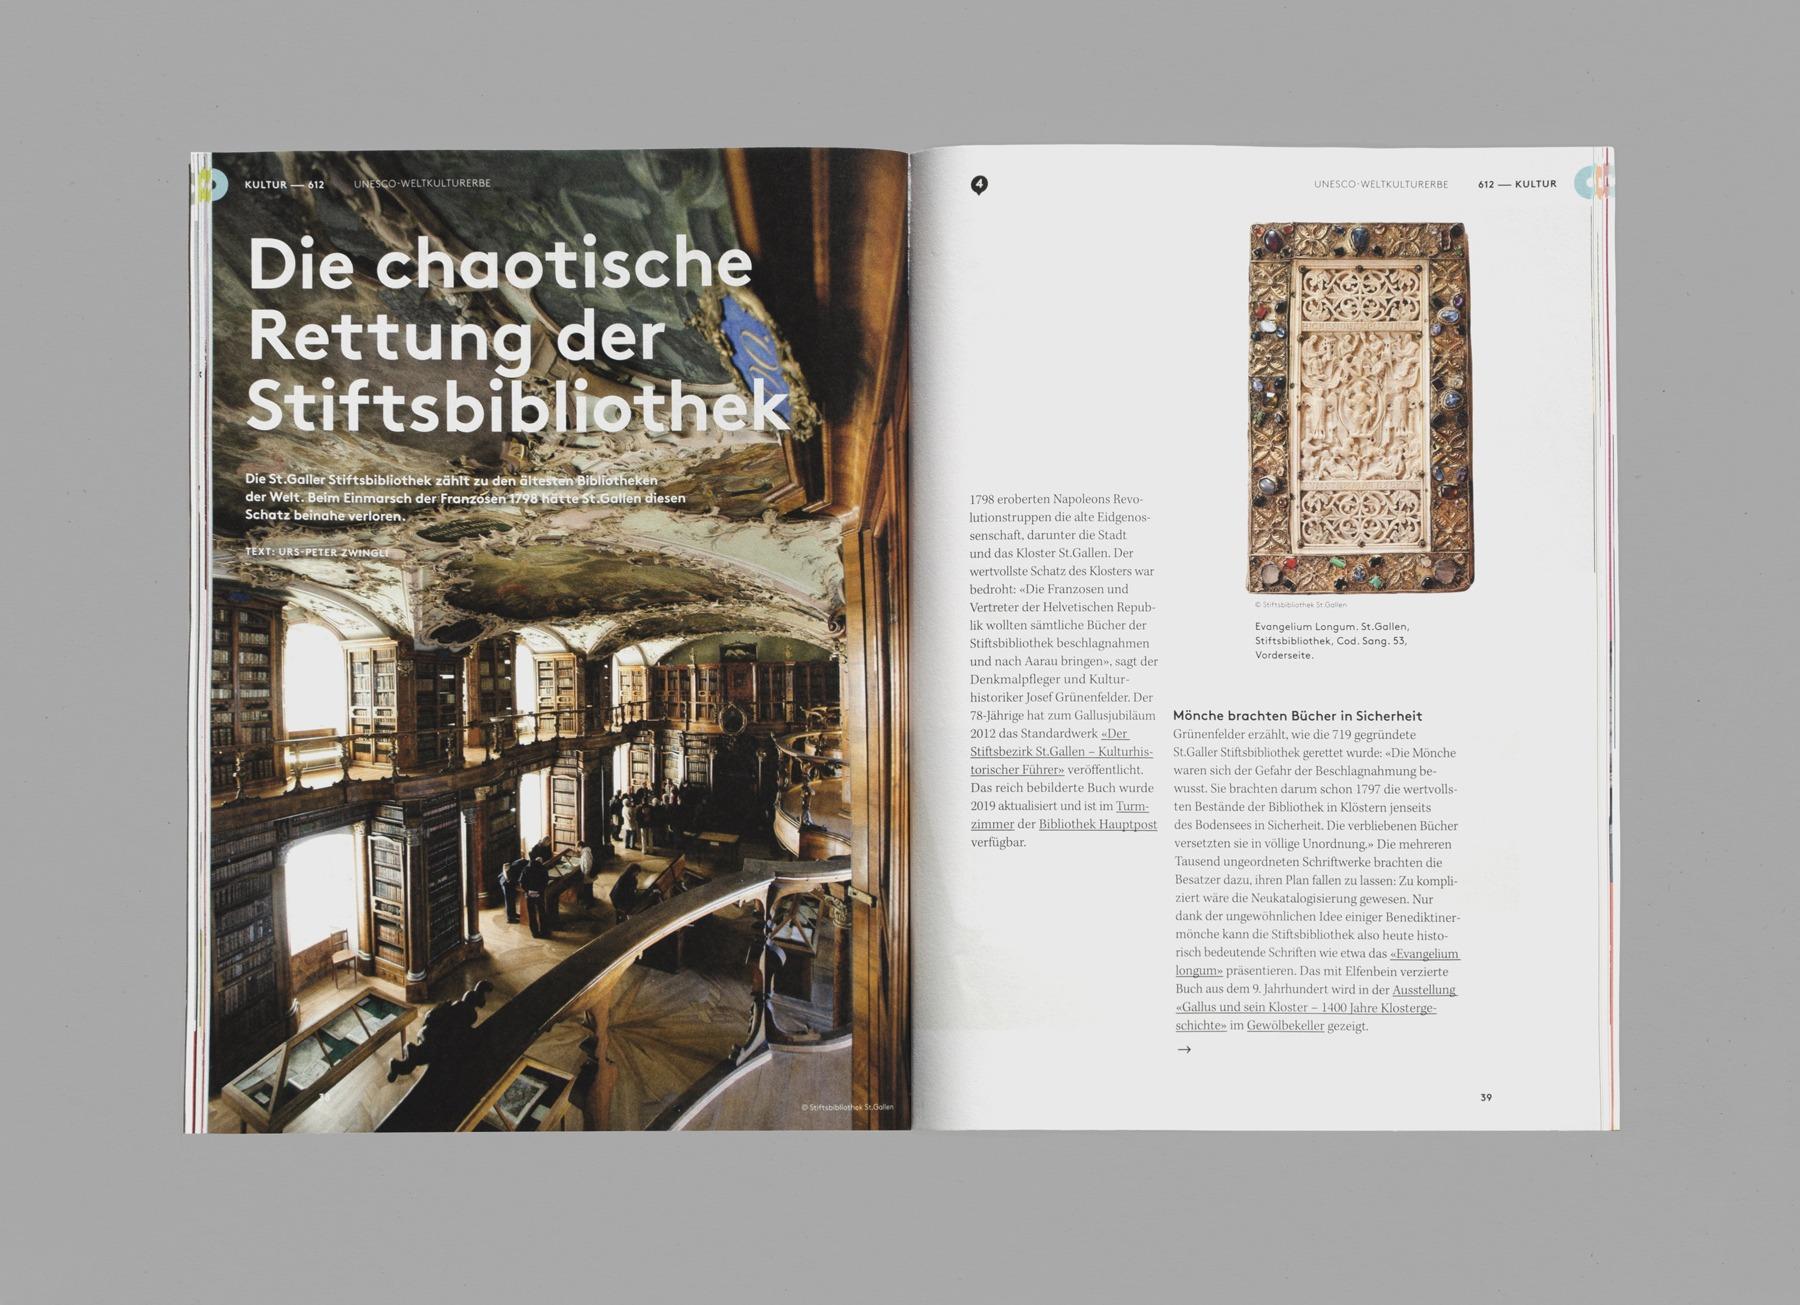 612 Zufall, S. 38-39, Stiftsbibliothek St. Gallen, Das Guide-Magazin von St. Gallen Bodensee Tourismus, Ausgabe 02, produziert von Pur Kommunikation